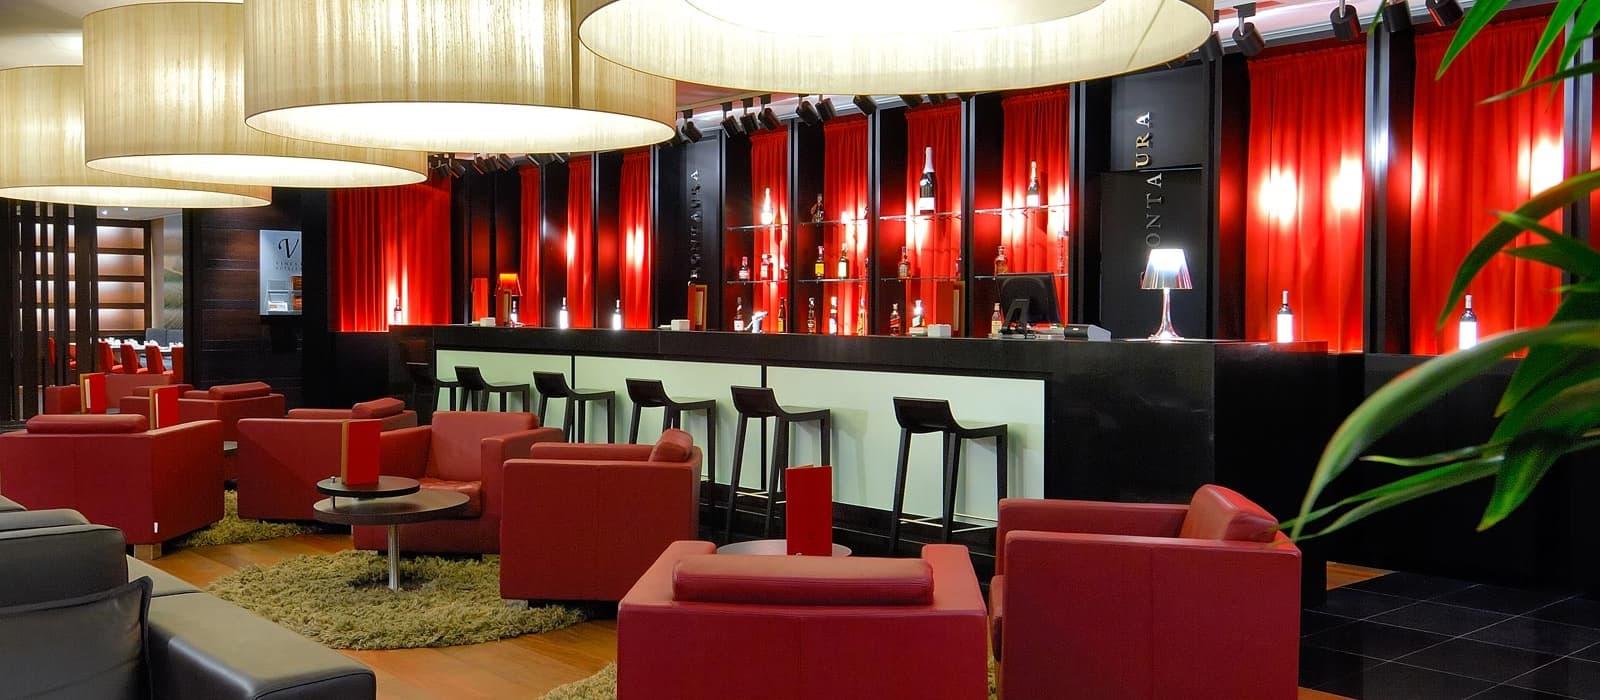 Hôtel Frontaura Valladolid - Vincci Hoteles